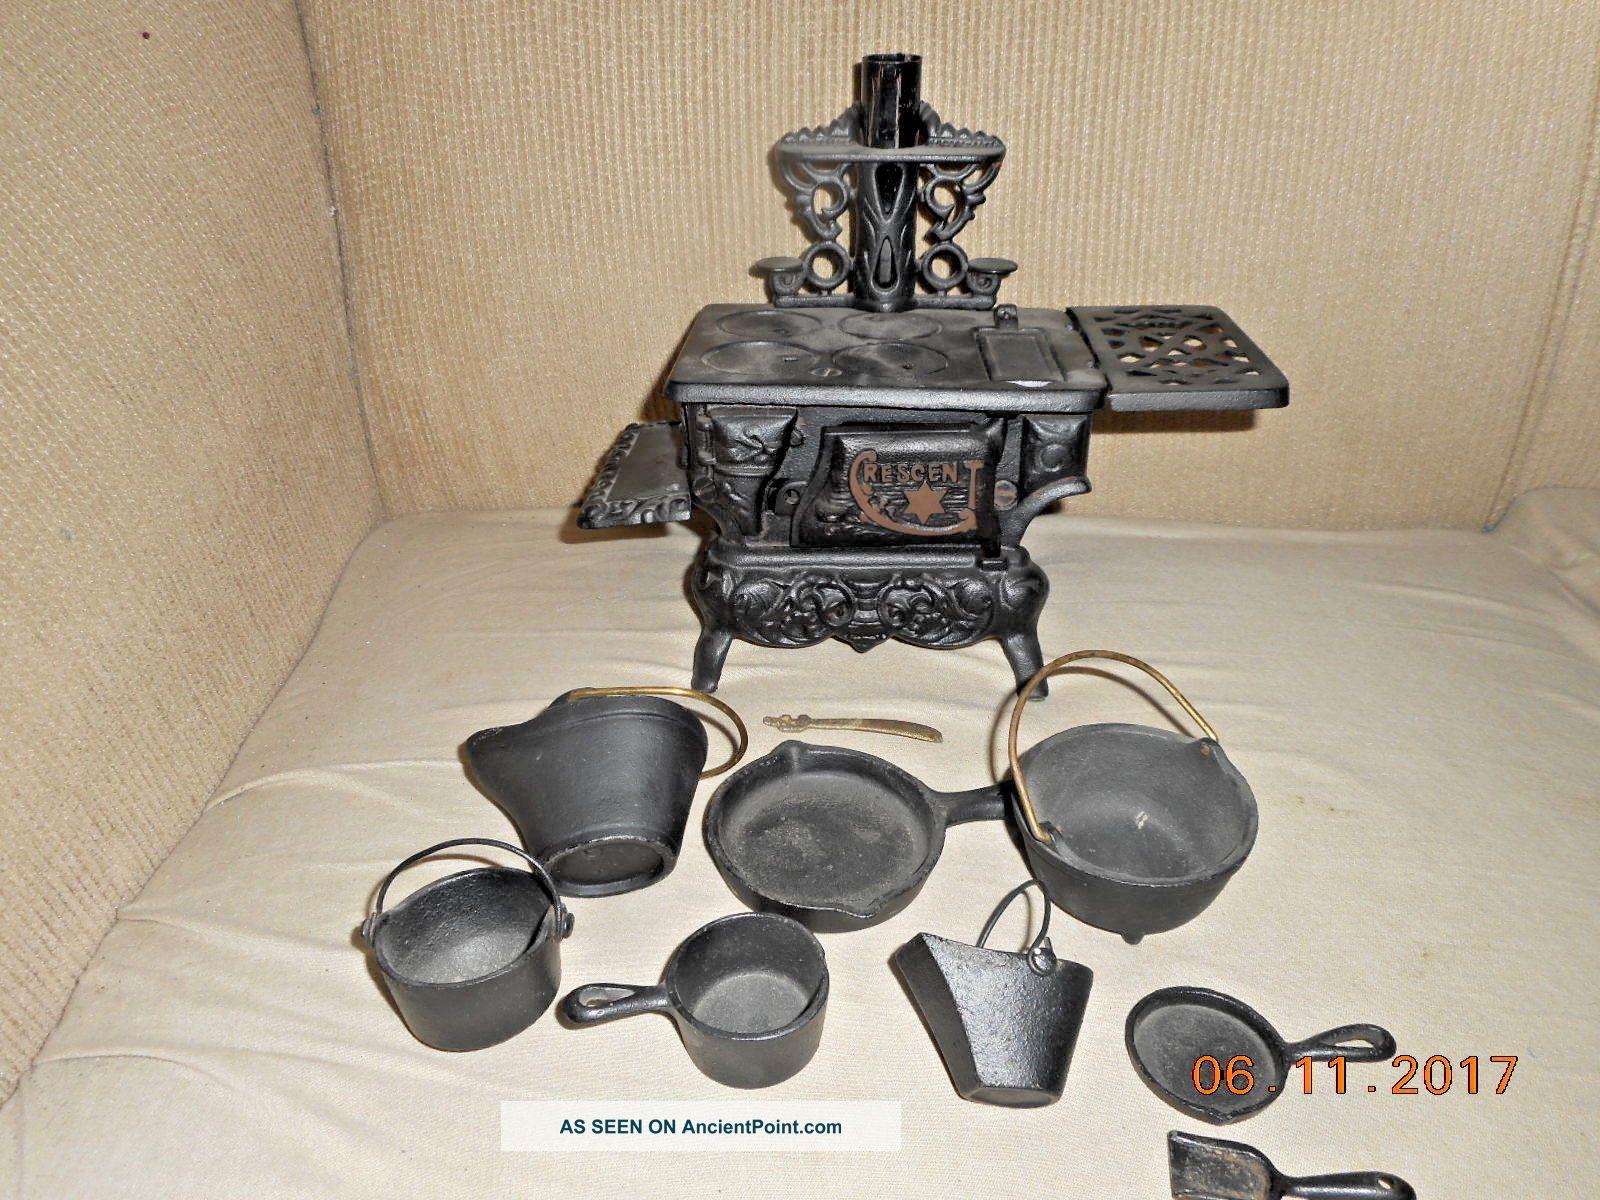 Antique Salesman Sample Crescent Cast Iron Stove Complete Iron Toy Pots Pans Stoves photo